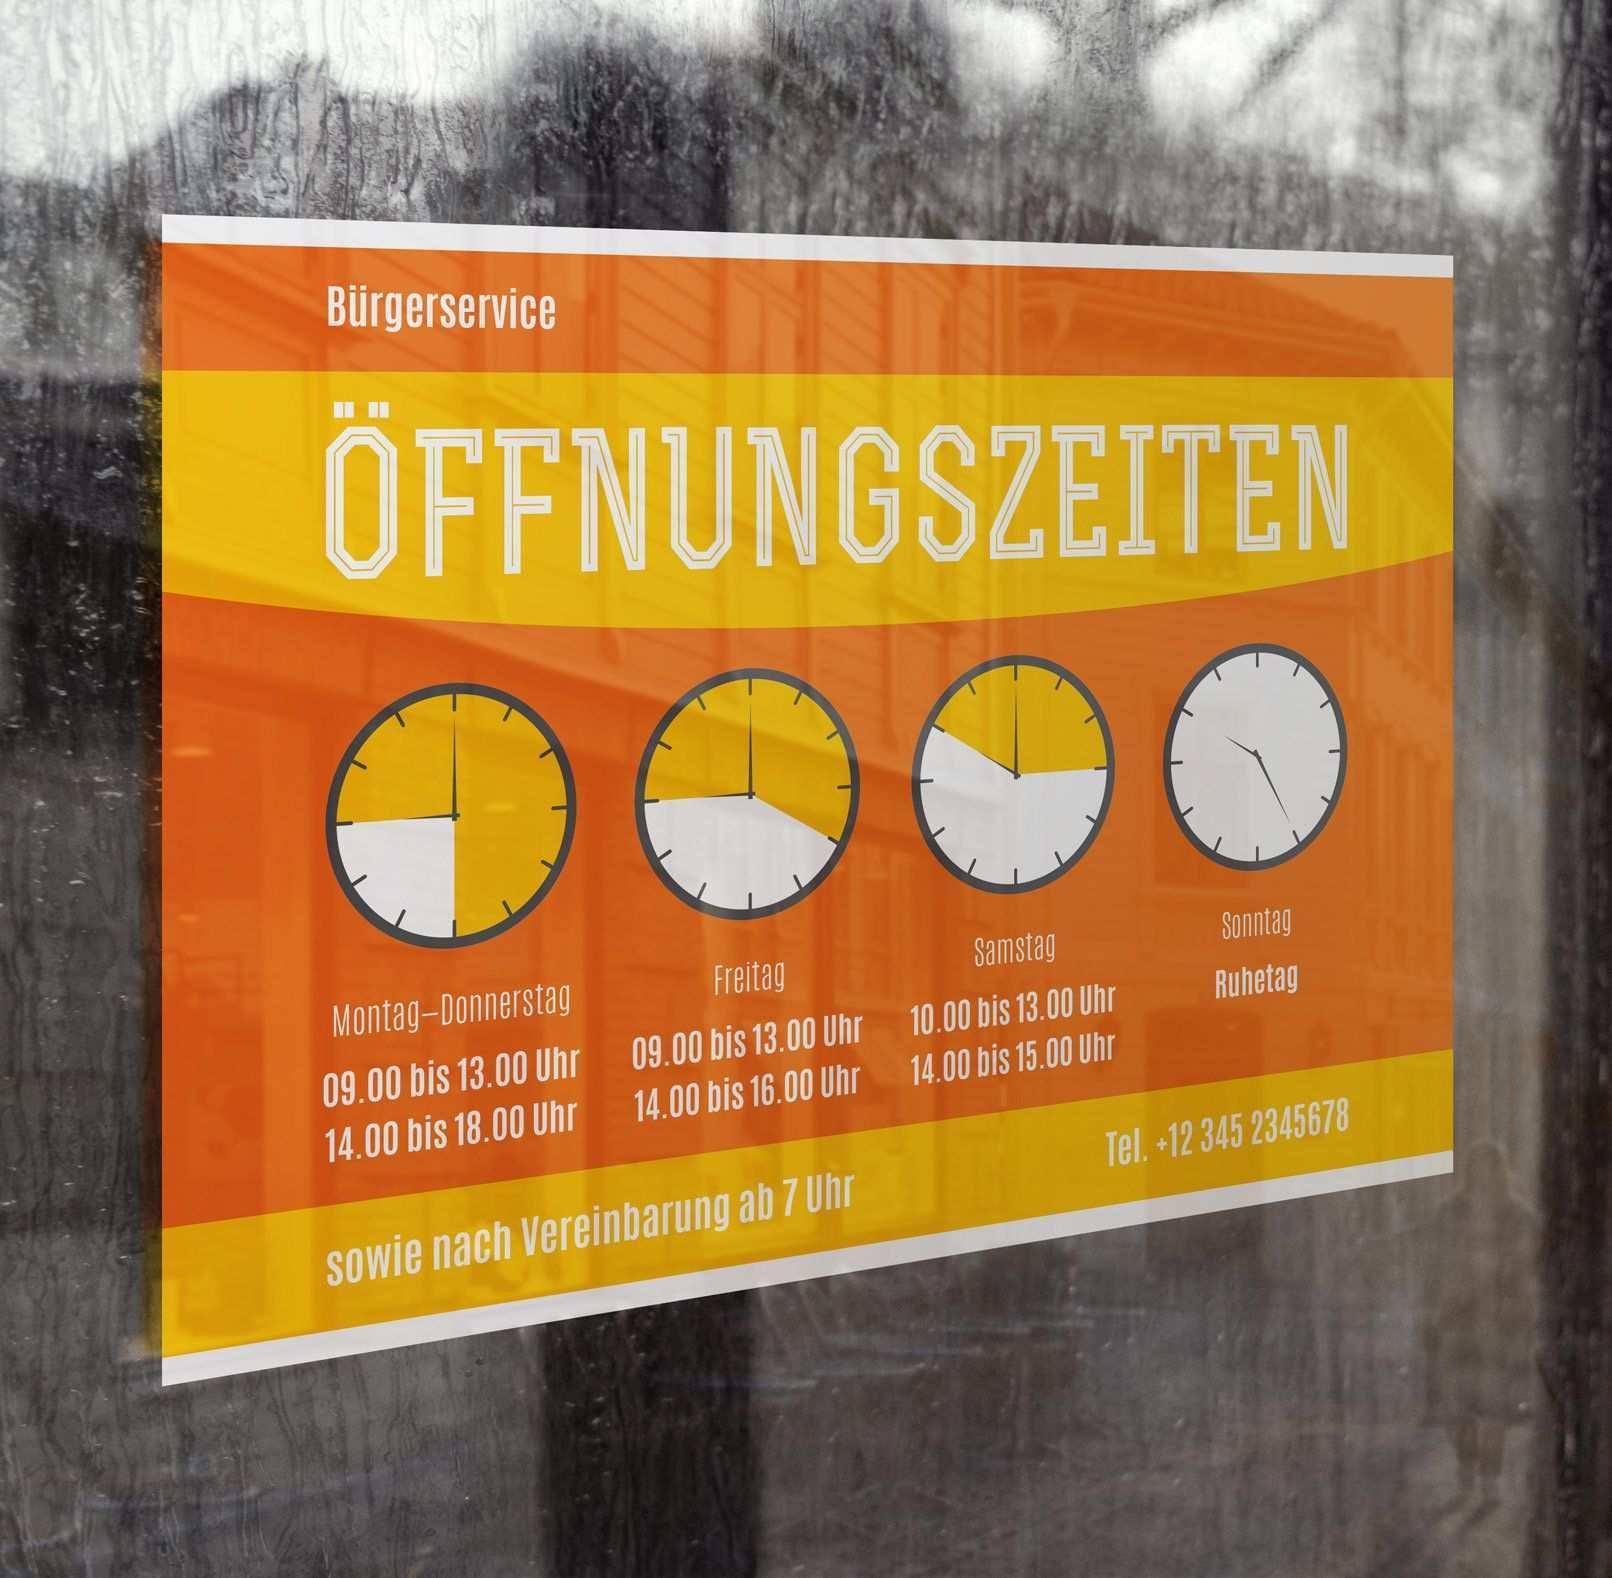 Offnungszeiten Vorlagen Fur Schild Aushang Vorlagen Schilder Corporate Design